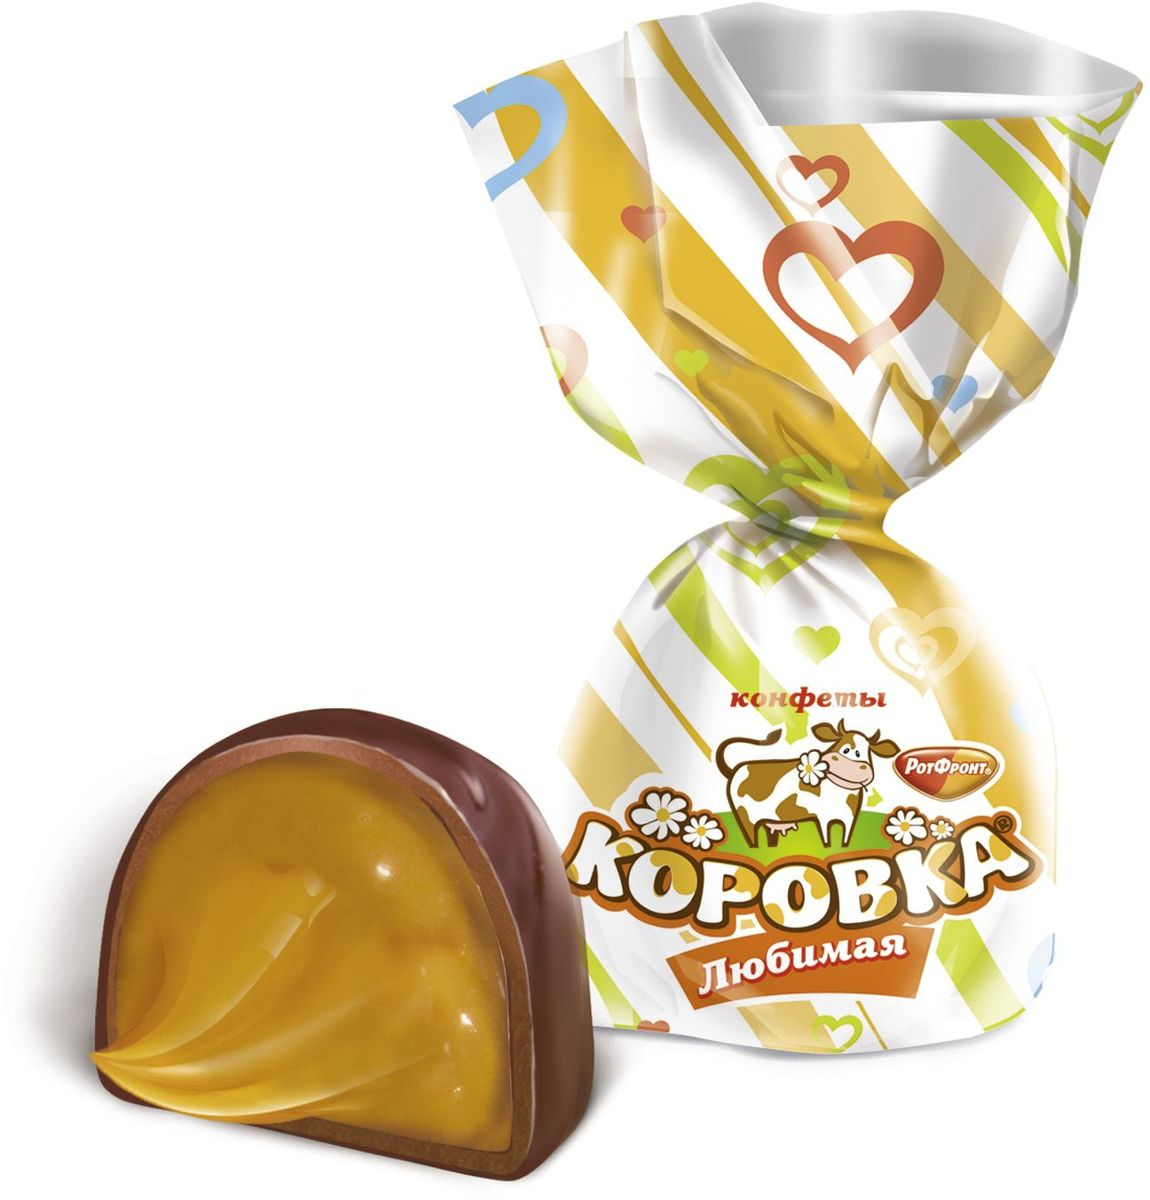 Рот-Фронт Коровка Любимая конфеты с карамельно-сливочной начинкой, покрытой шоколадной глазурью, 250 гРФ12222Знаменитые московские конфеты напоминают вкус детства!